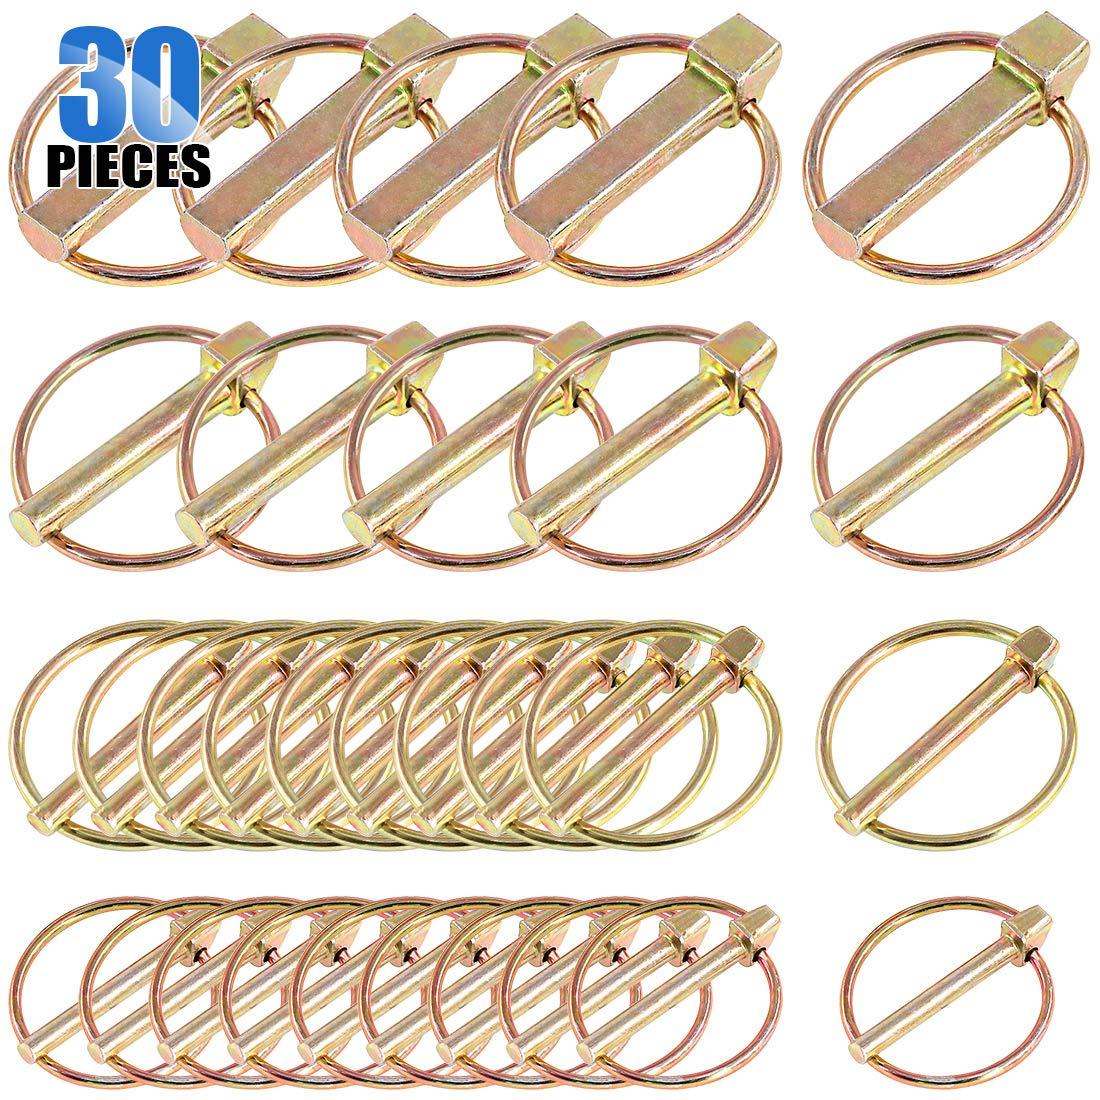 Ranking TOP5 Glarks 30Pcs Heavy Duty Lynch Pin 55% OFF Kit Assortment Tracto for Farm